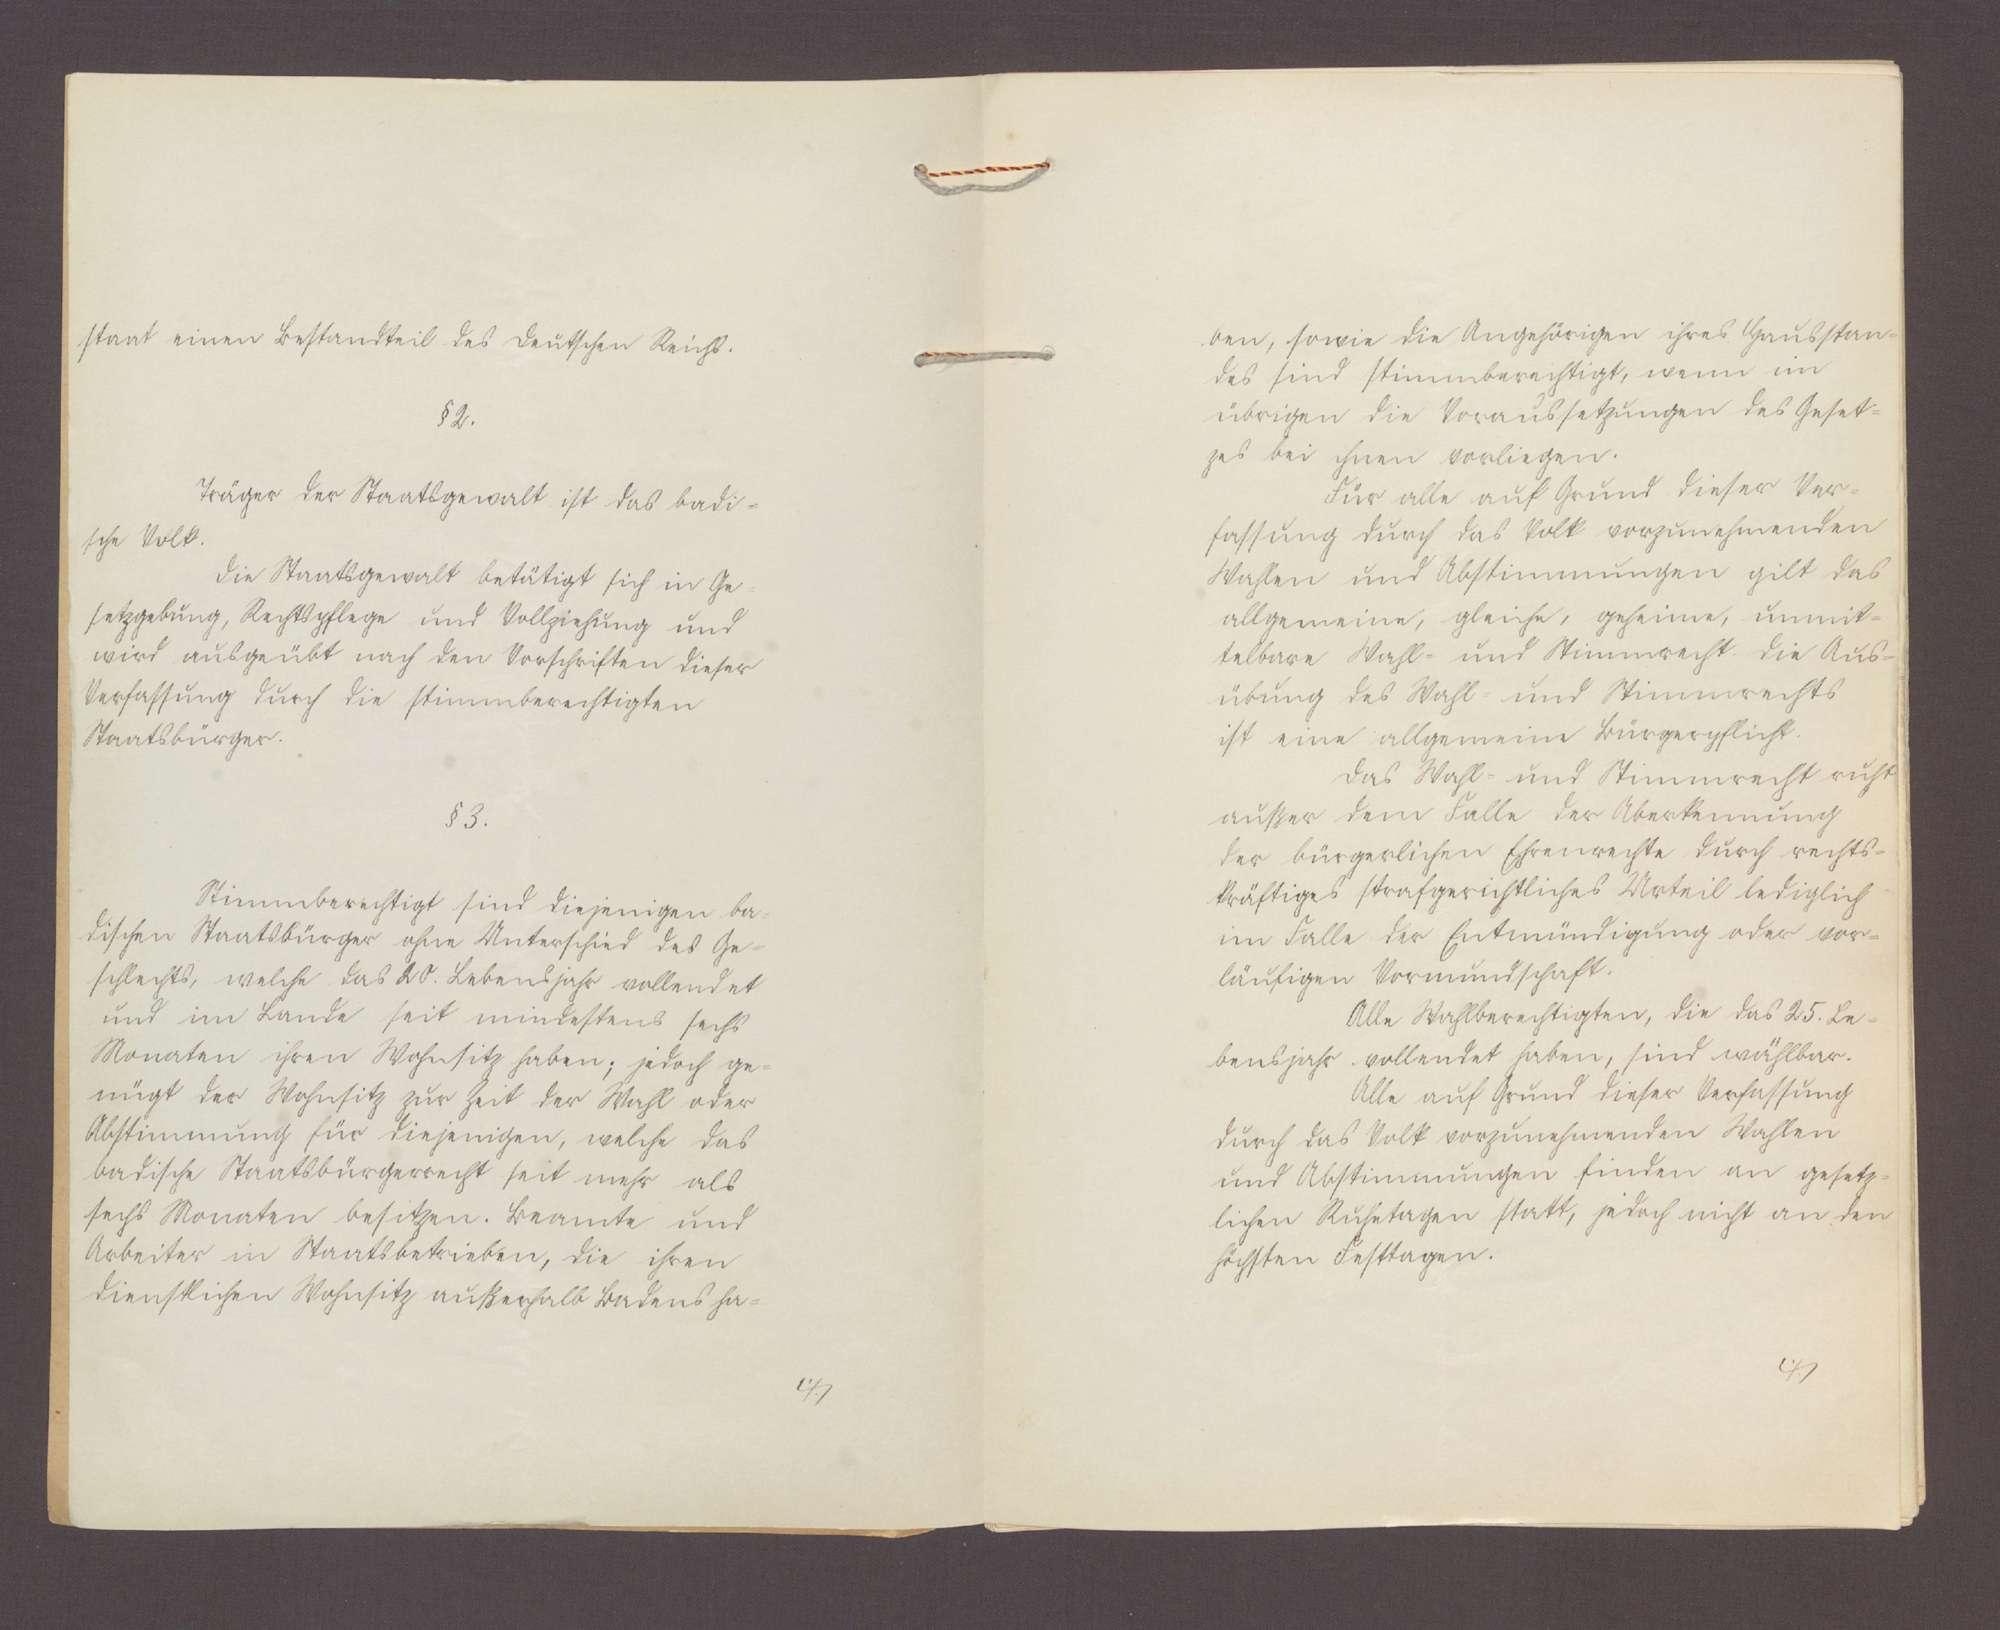 Gesetz über die badische Verfassung (21. März 1919), Bild 3